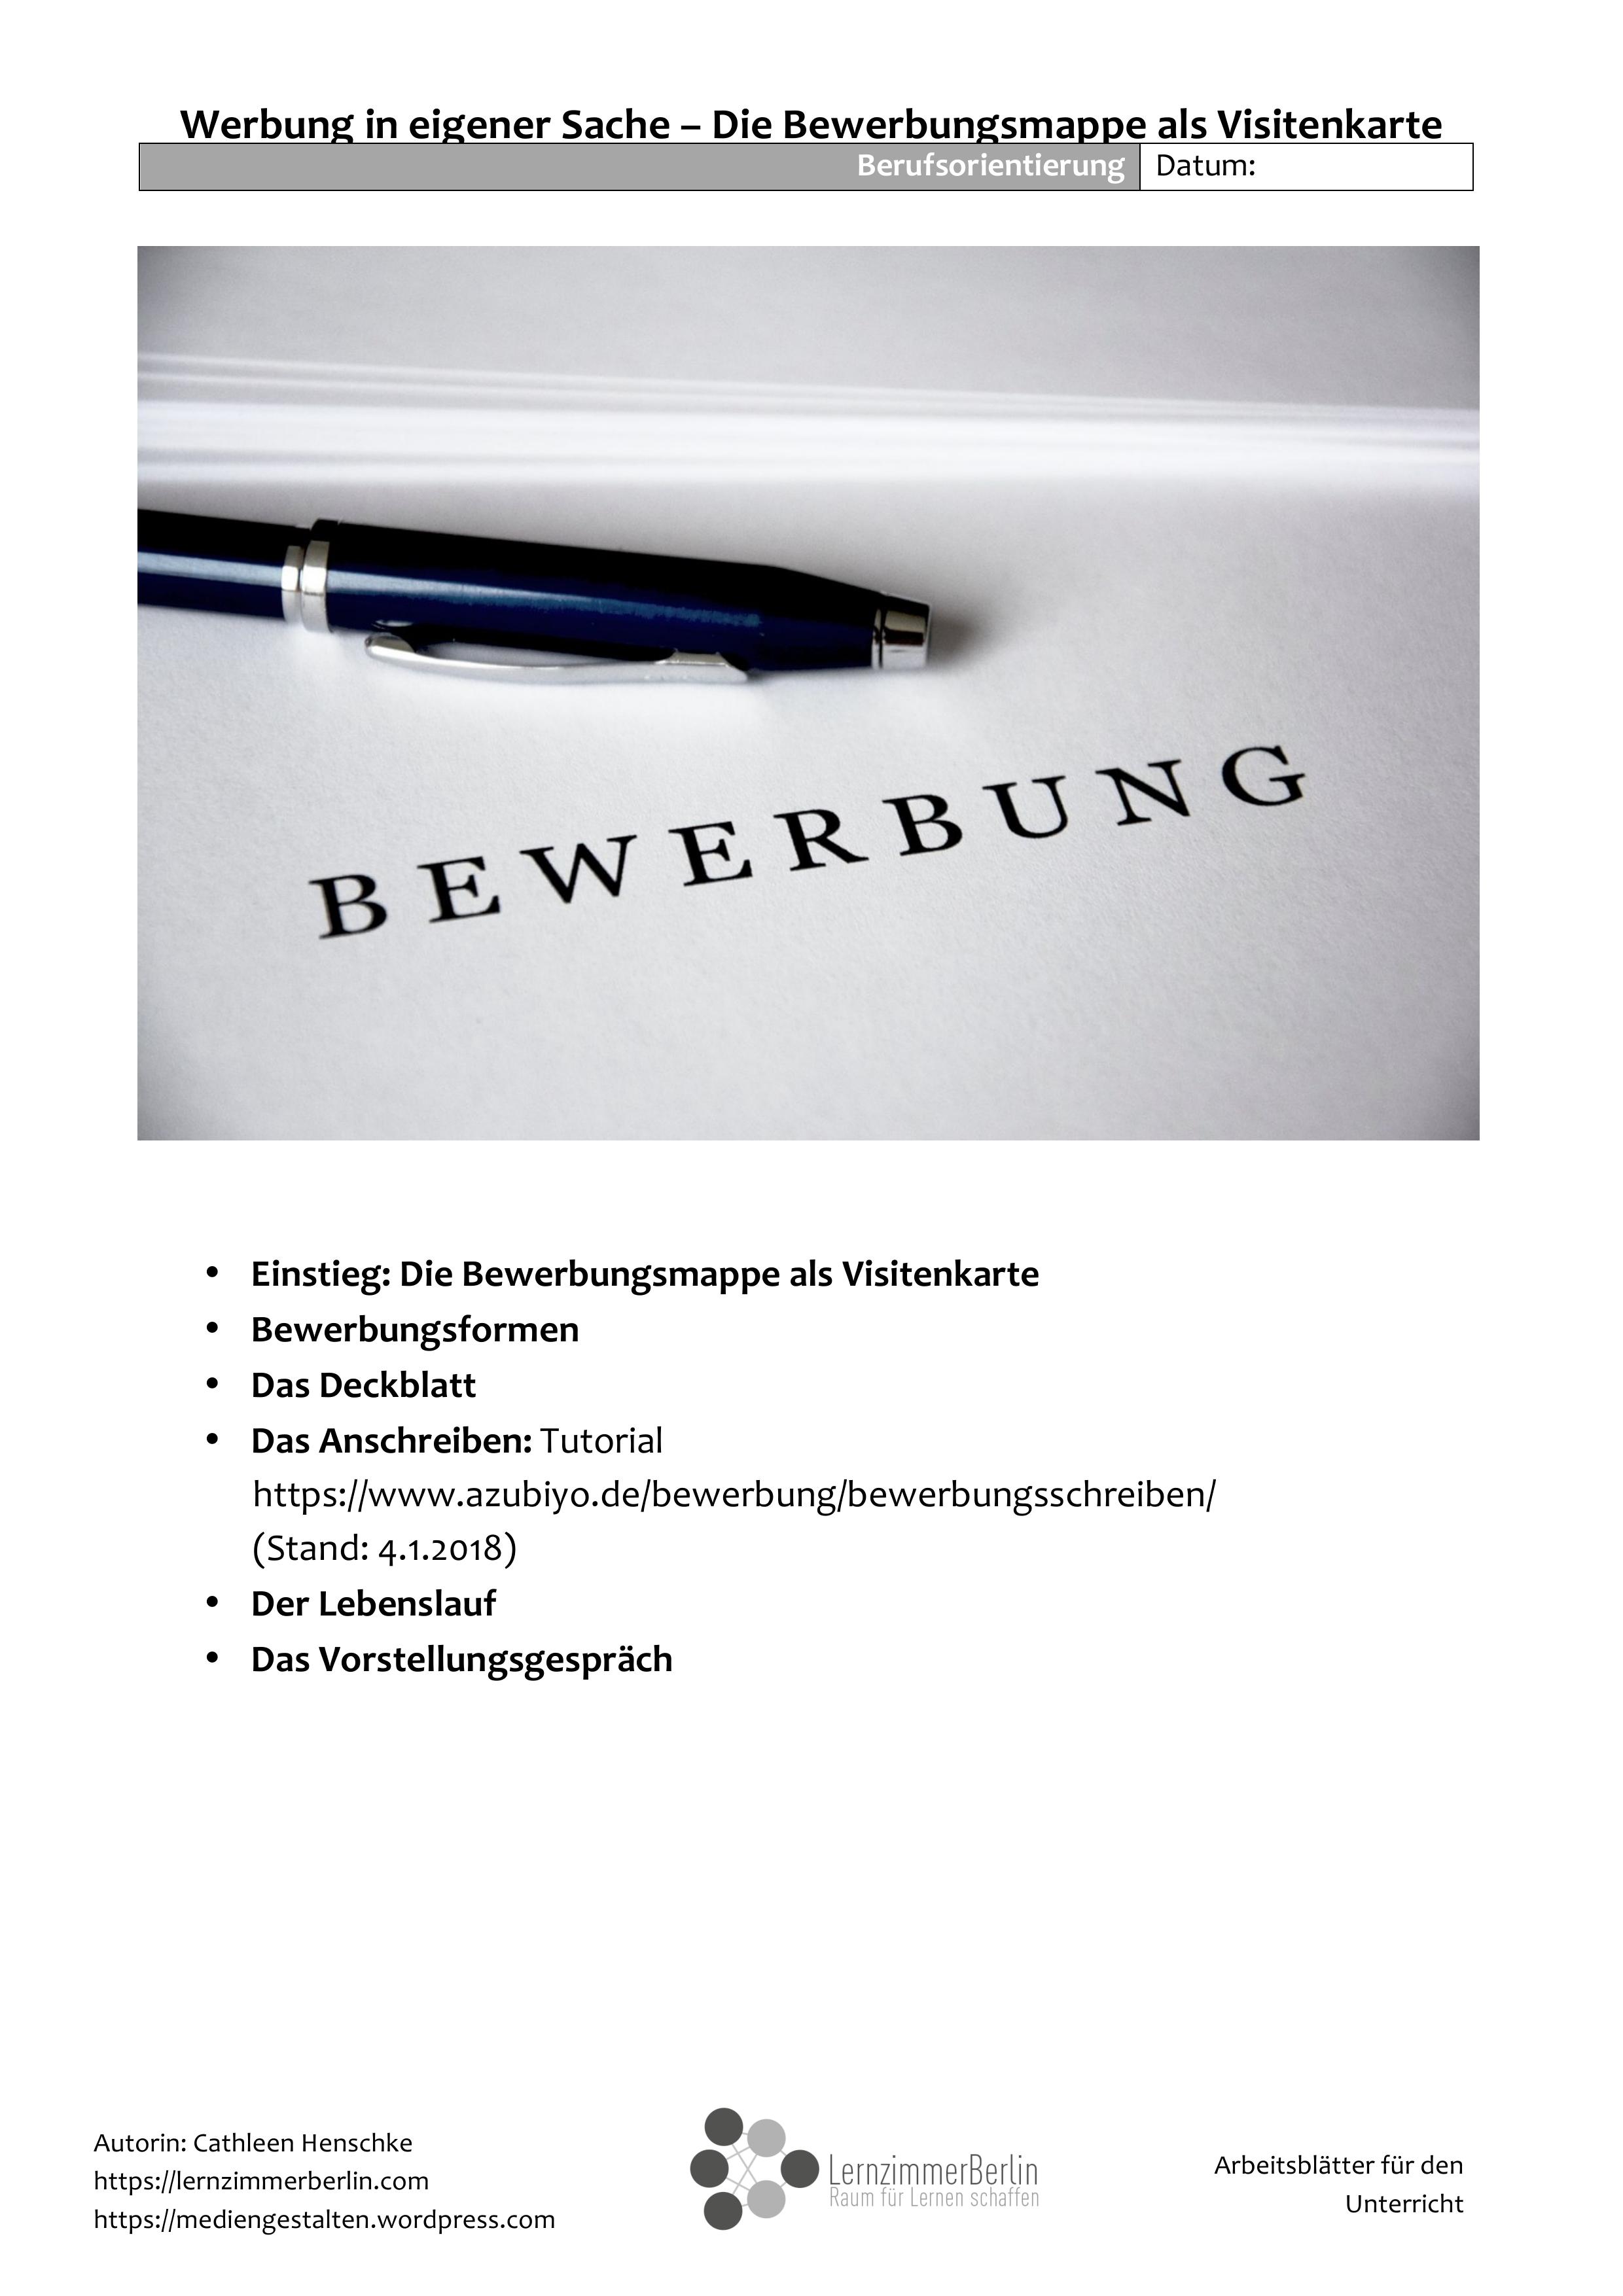 Werbung In Eigener Sache Bewerbungstraining Einstieg Bewerbungsmappe Vorstellungsgesprach Unterrichtsmaterial In Den Fachern Arbeitslehre Deutsch W Bewerbung Mappe Bewerbung Vorstellungsgesprach